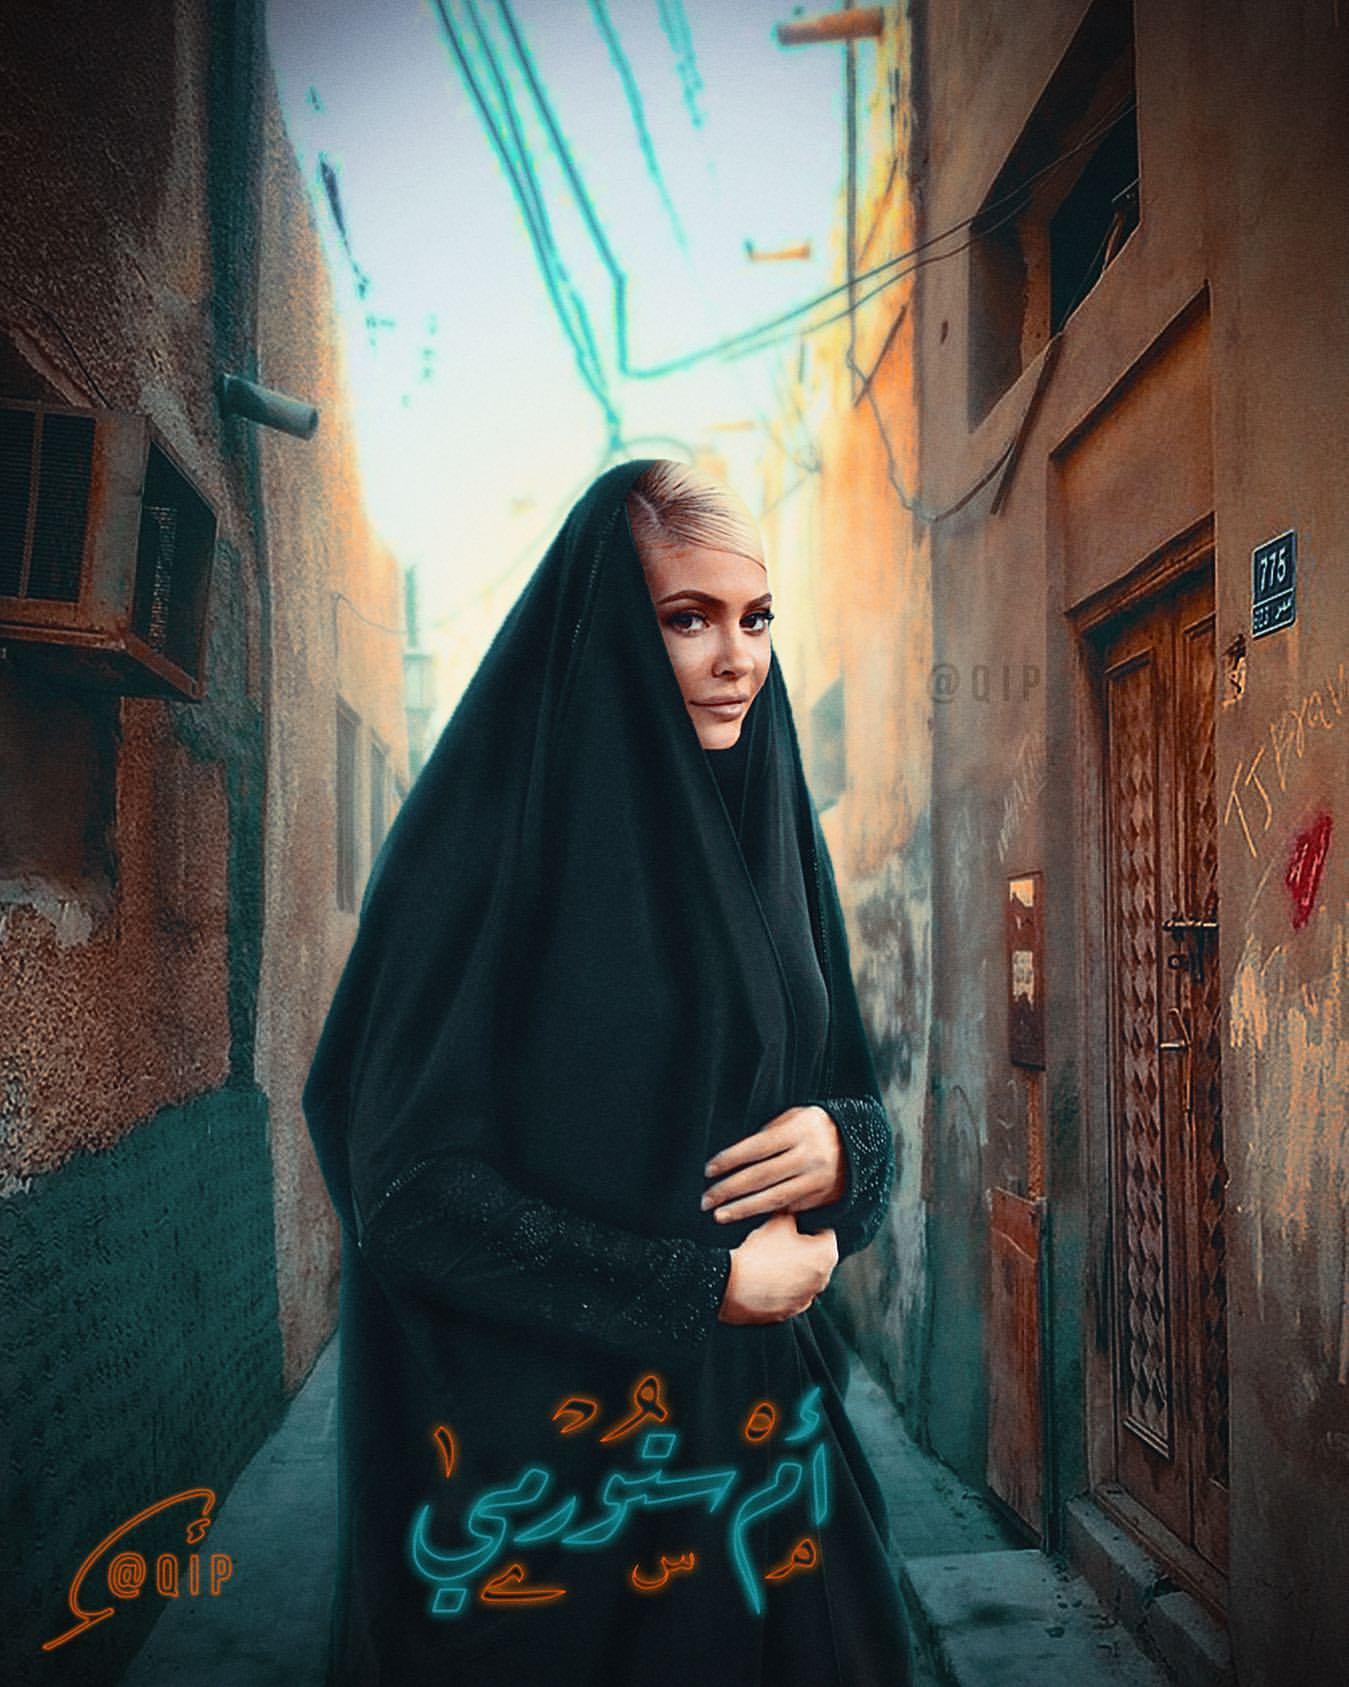 كايلي جينر ونيكي ميناج بالحجاب.. تصاميم لمشاهير عالميين بأزياء خليجية